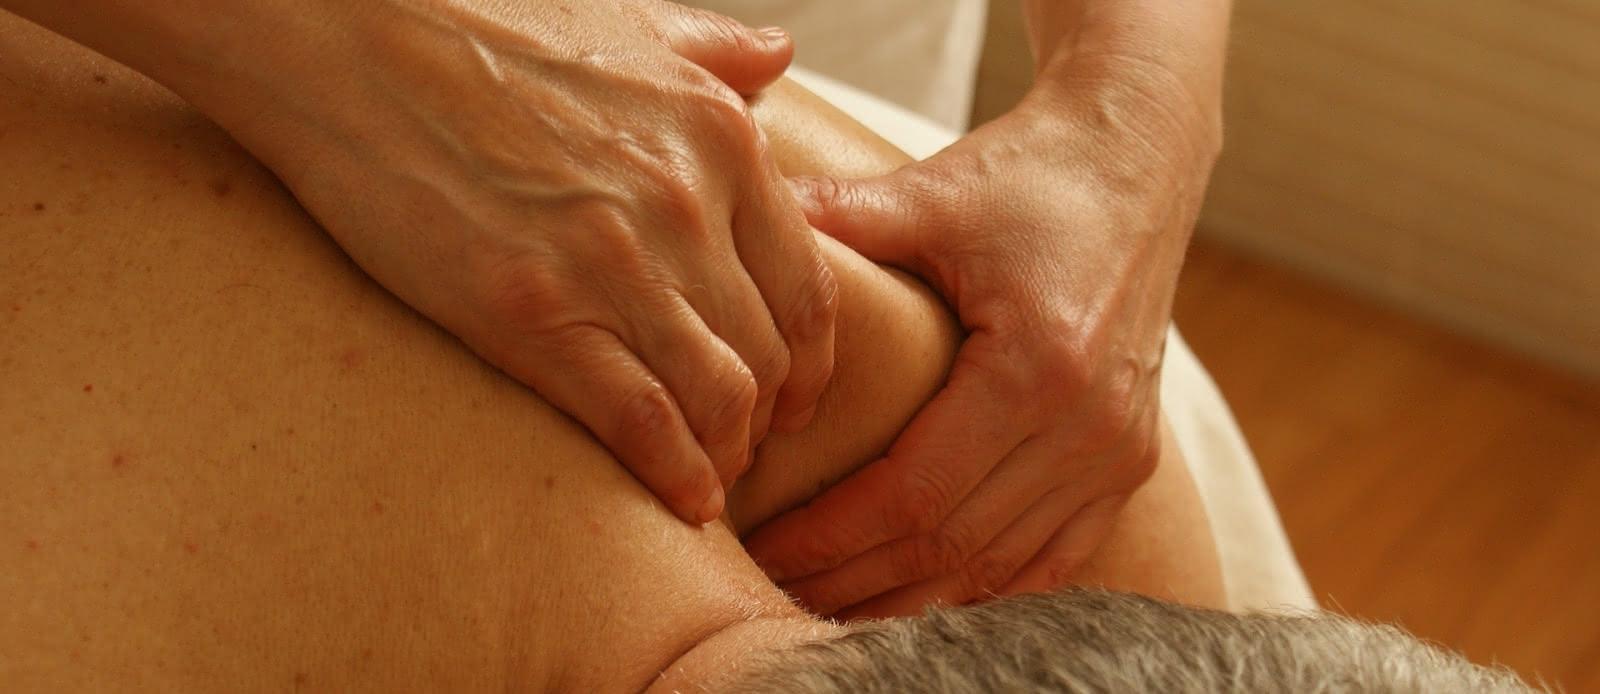 massage-389716-1920-4